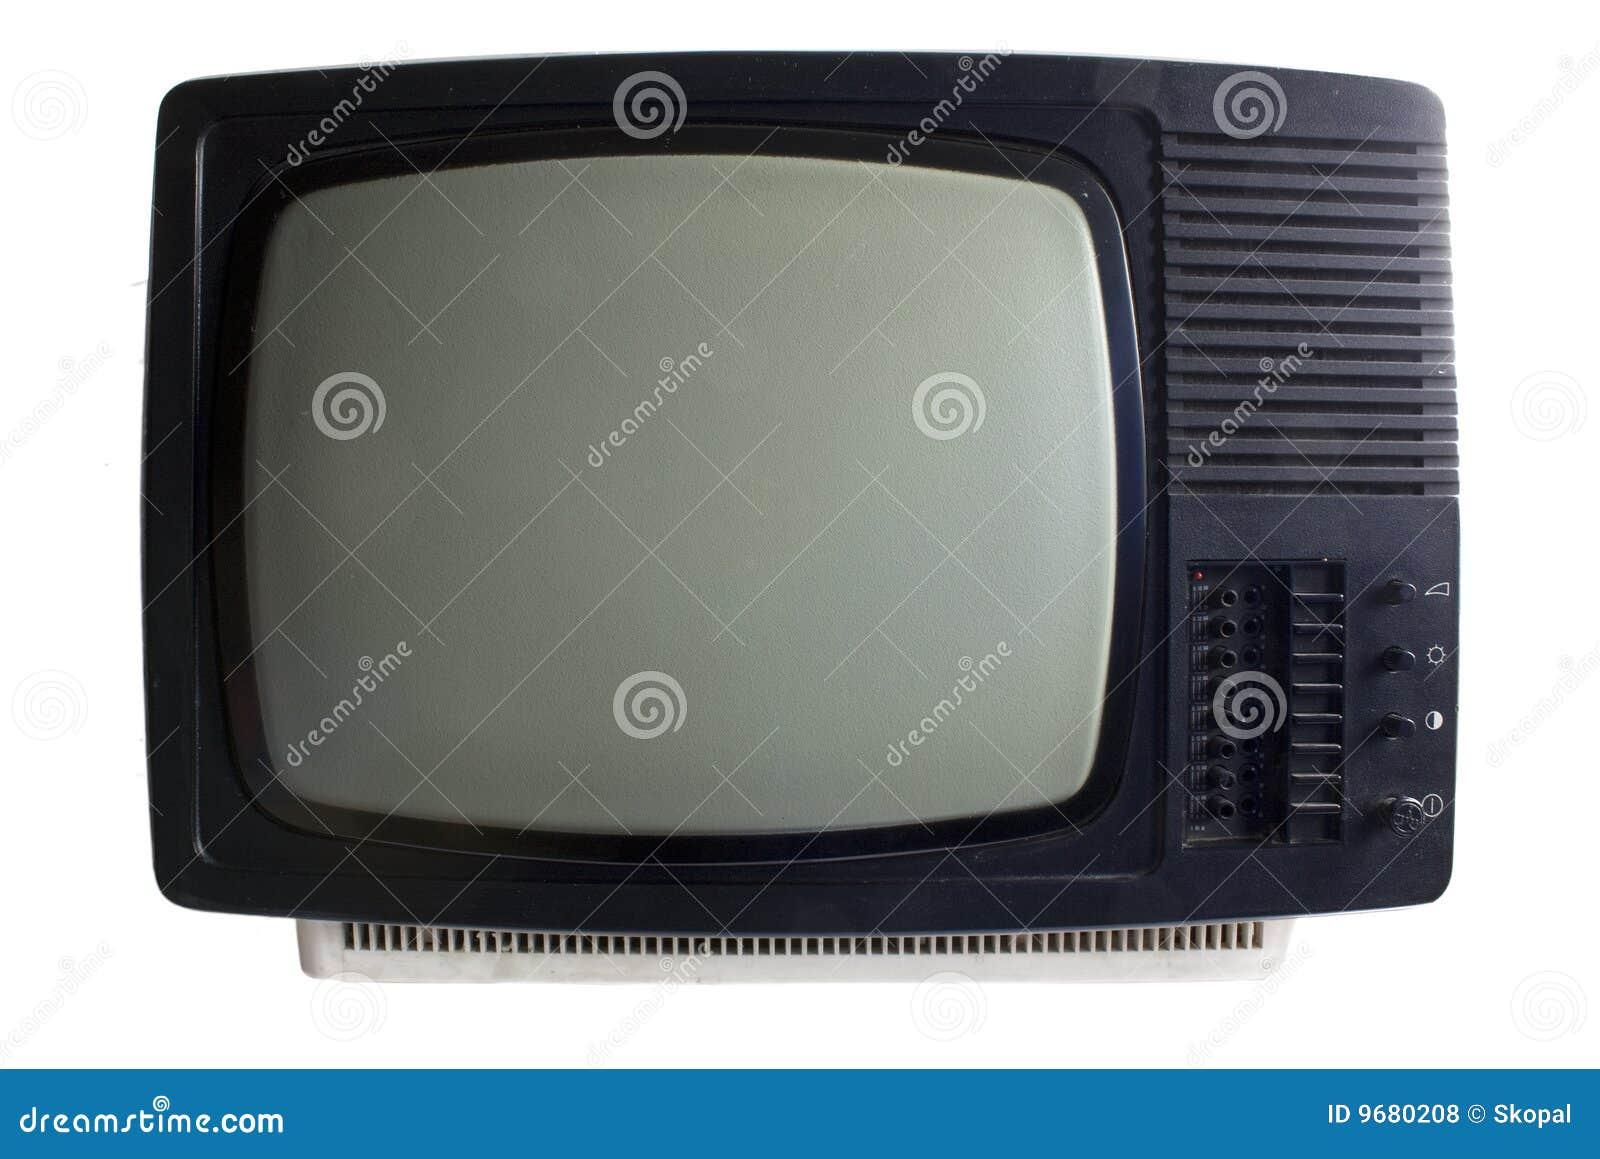 Old set tv